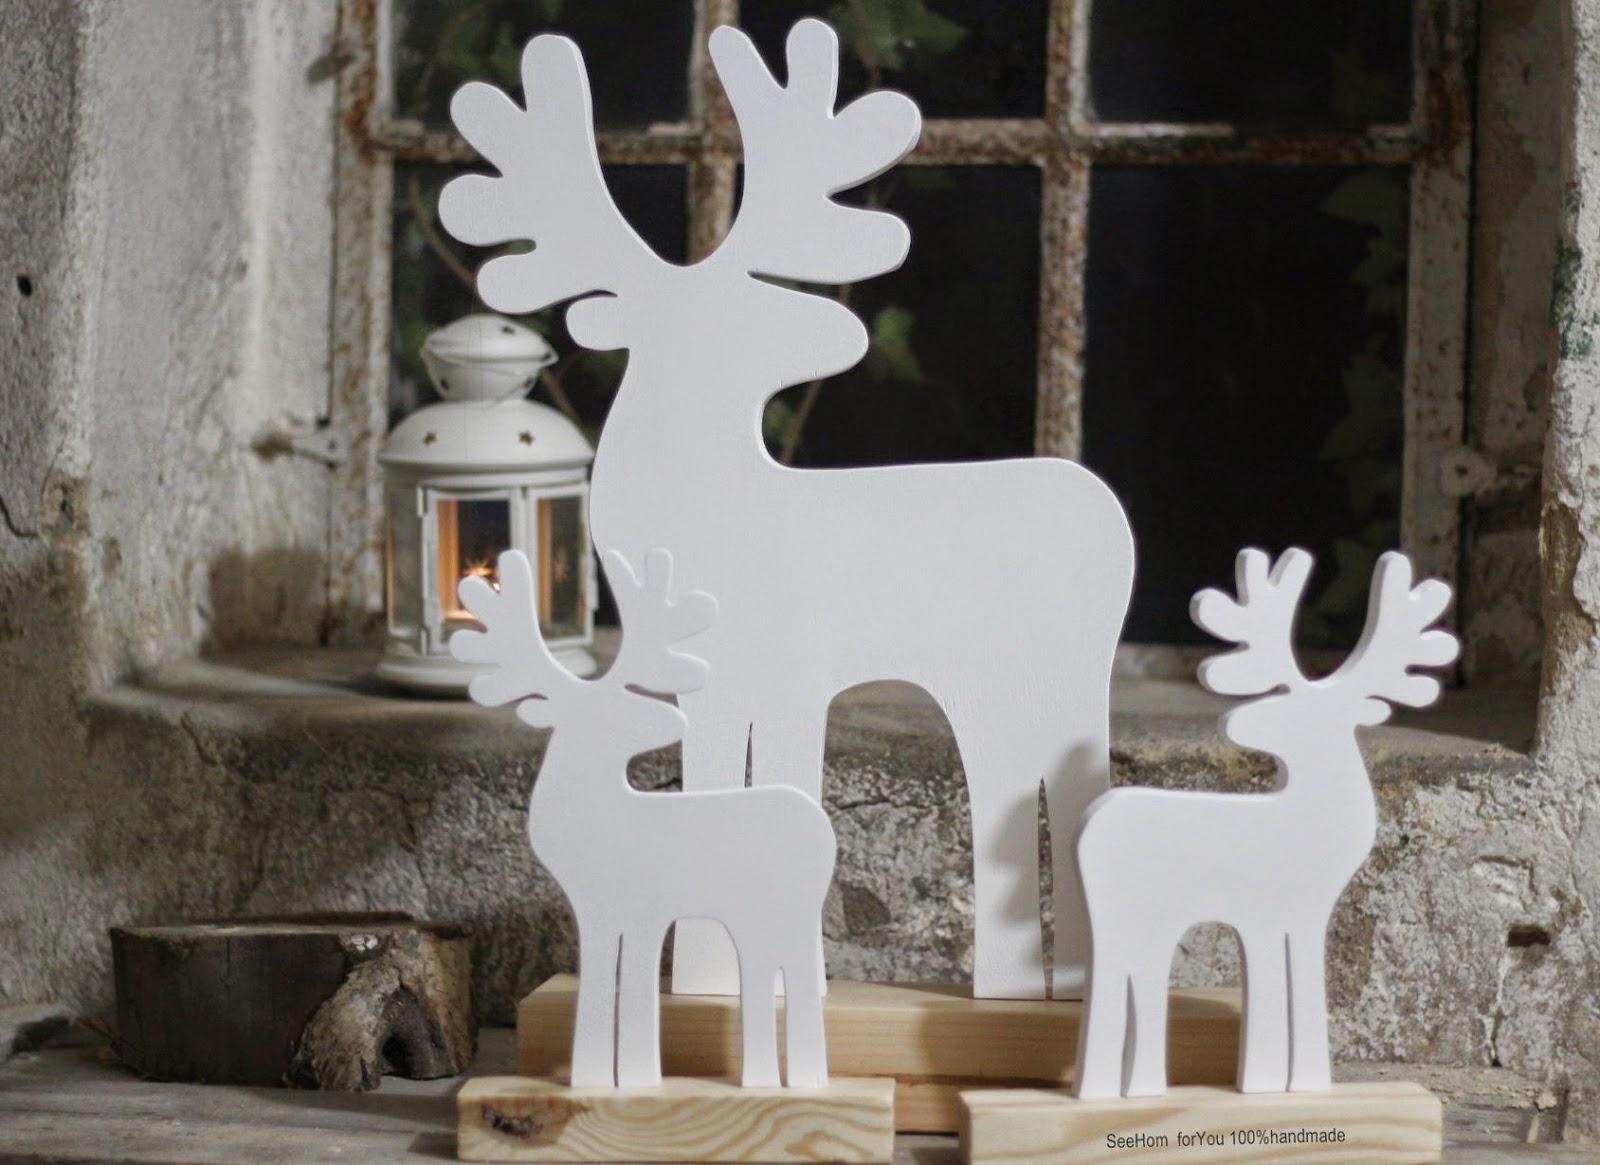 Choinka,Prezenty,Rudolf,Zaprzęg Świętego Mikołaja,Merry Christmas,Drewniane litery,